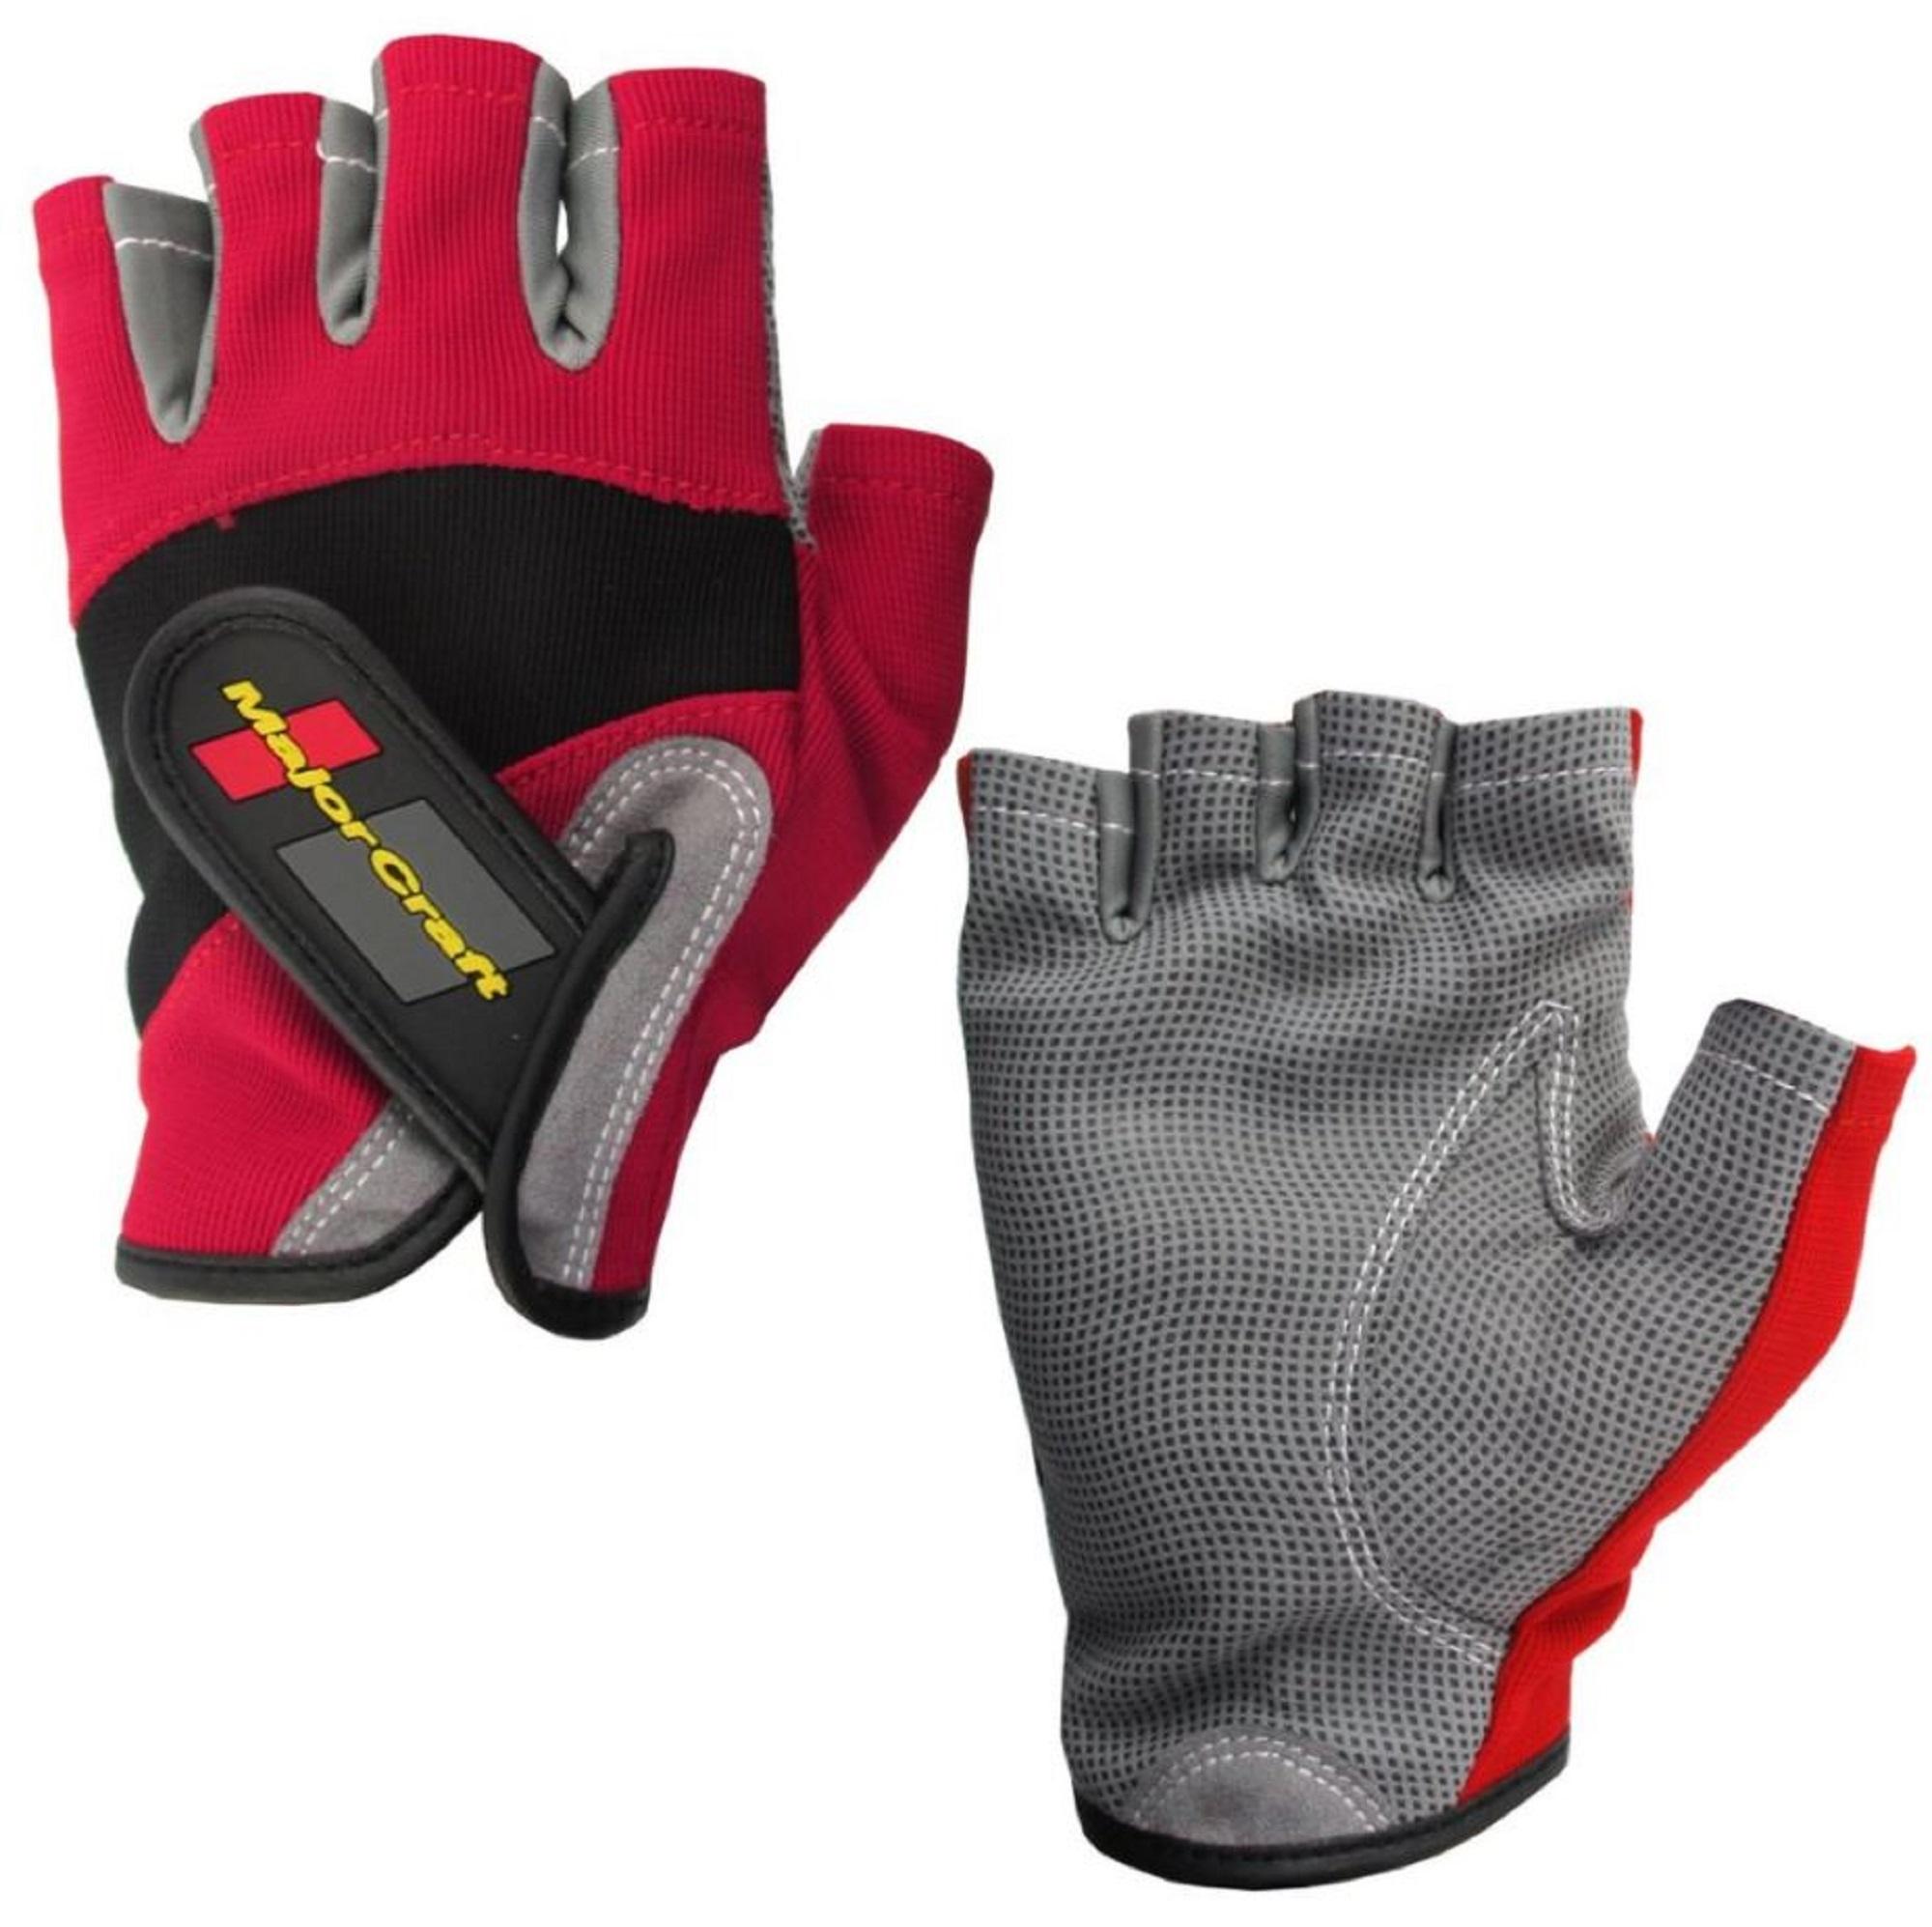 Major Craft Gloves Fishing Fingerless MCFG-5 M/RD (7076)